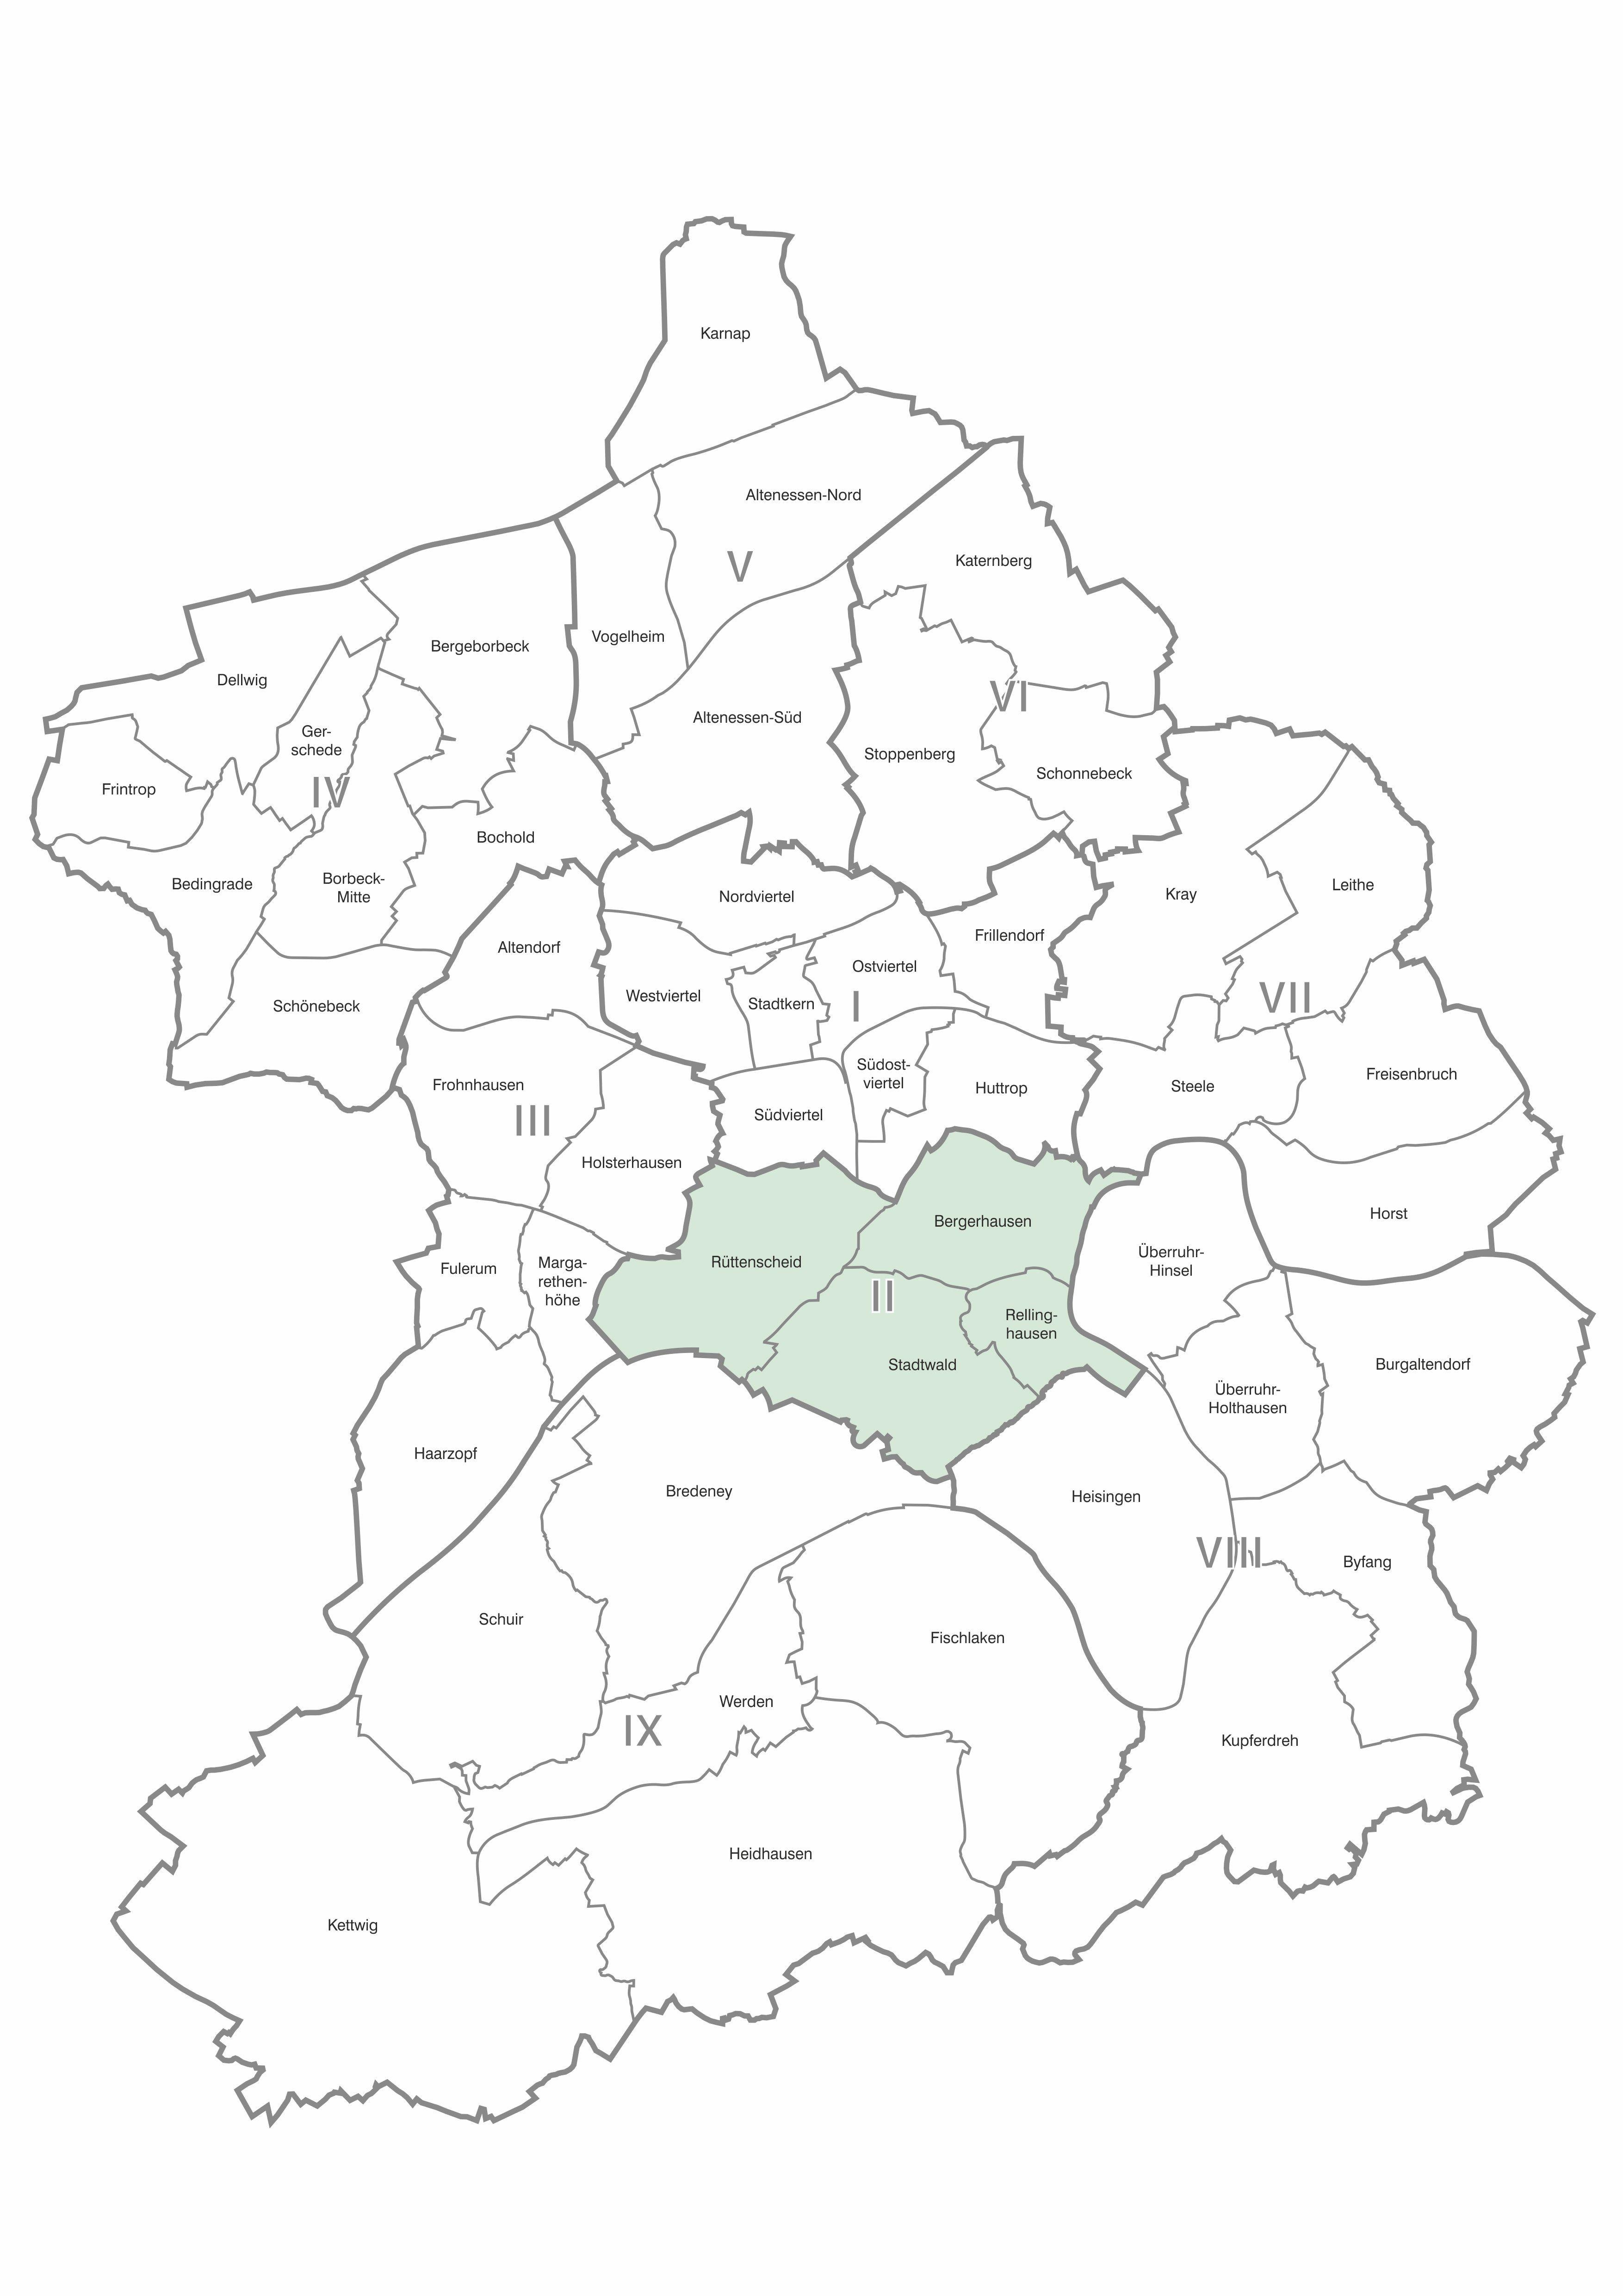 Karten der Stadtteile und Bezirke Essen, Bezirk 2